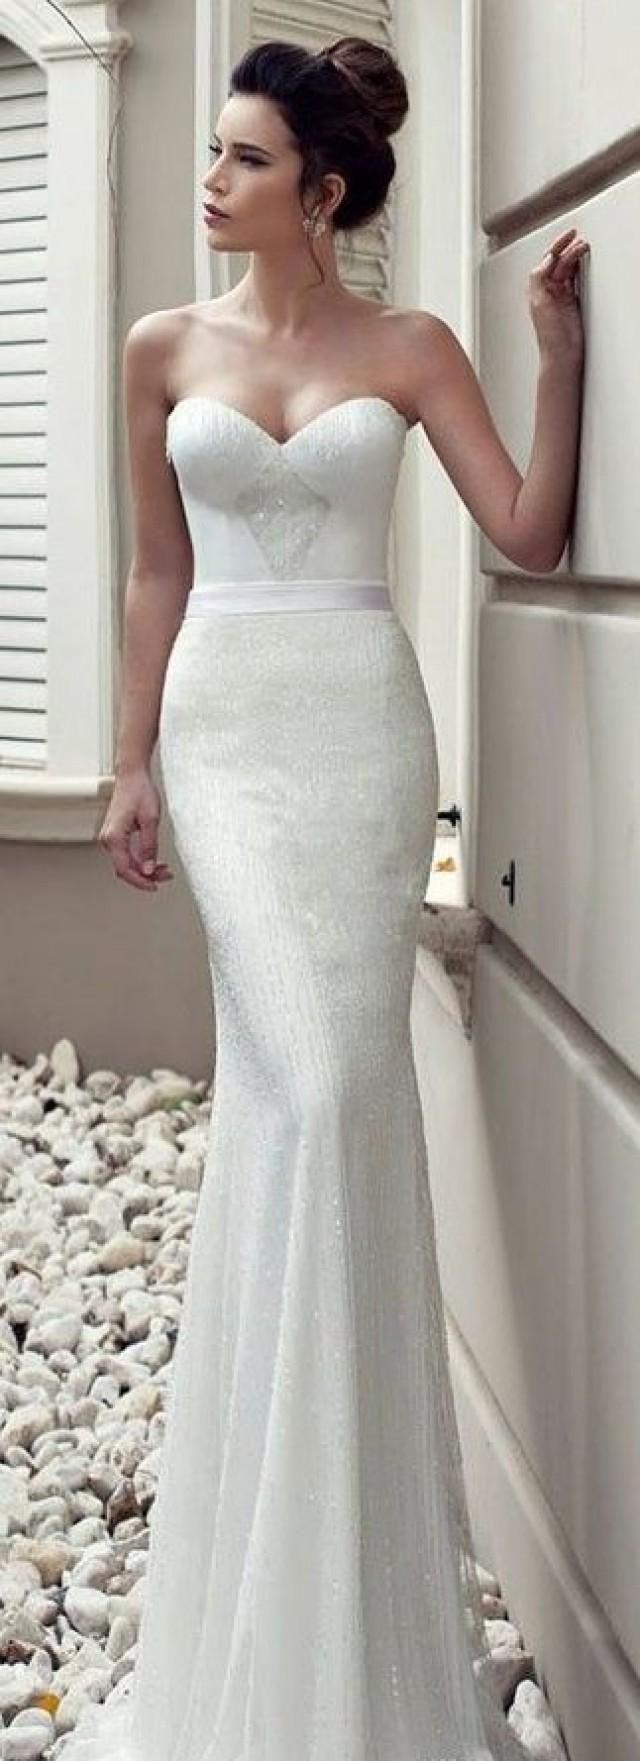 Julie Vino Bridal Collection 2013